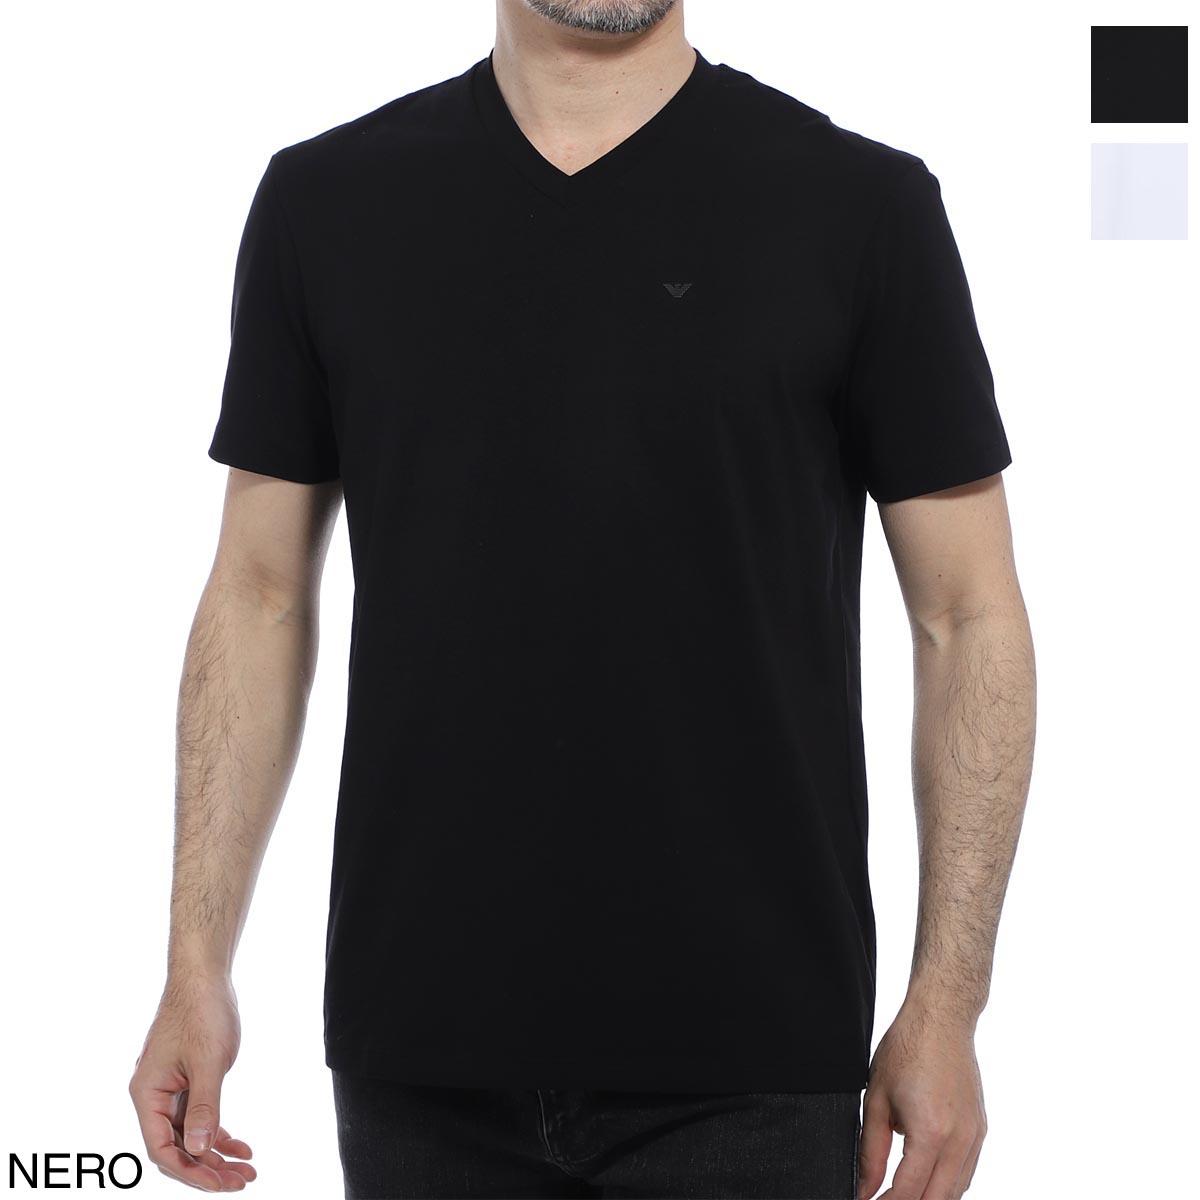 エンポリオアルマーニ EMPORIO ARMANI VネックTシャツ メンズ 3h1ts1 1jjrz 0999【あす楽対応_関東】【返品送料無料】【ラッピング無料】